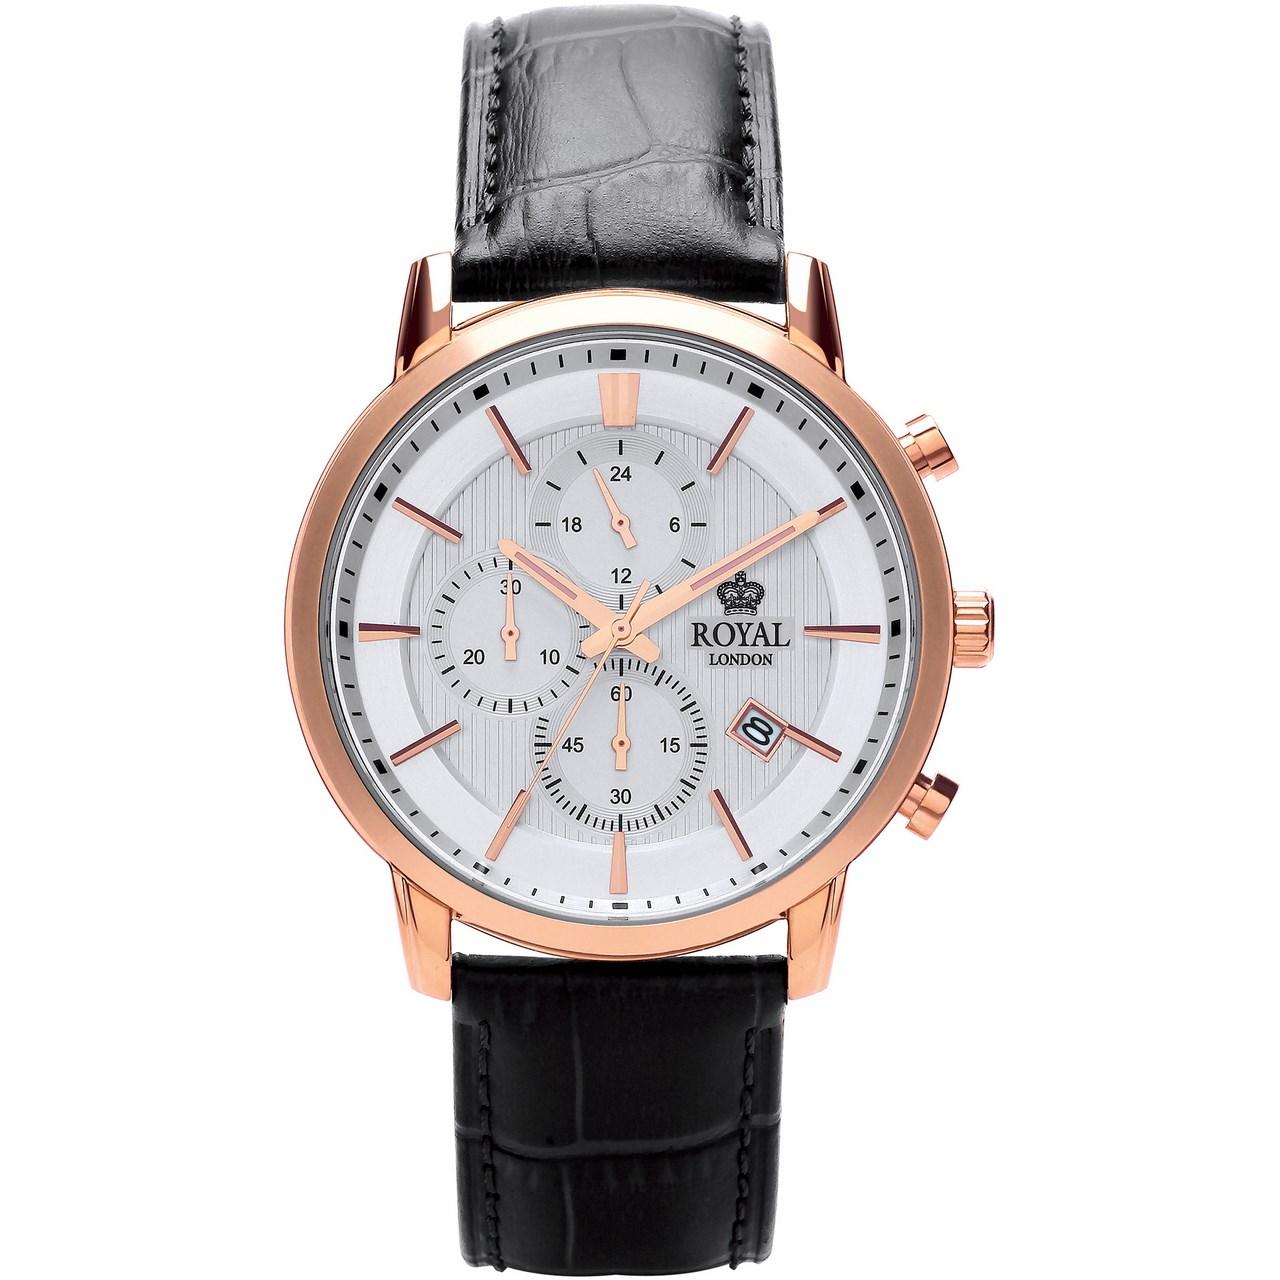 ساعت مچی عقربه ای مردانه رویال لندن مدل RL-41280-04